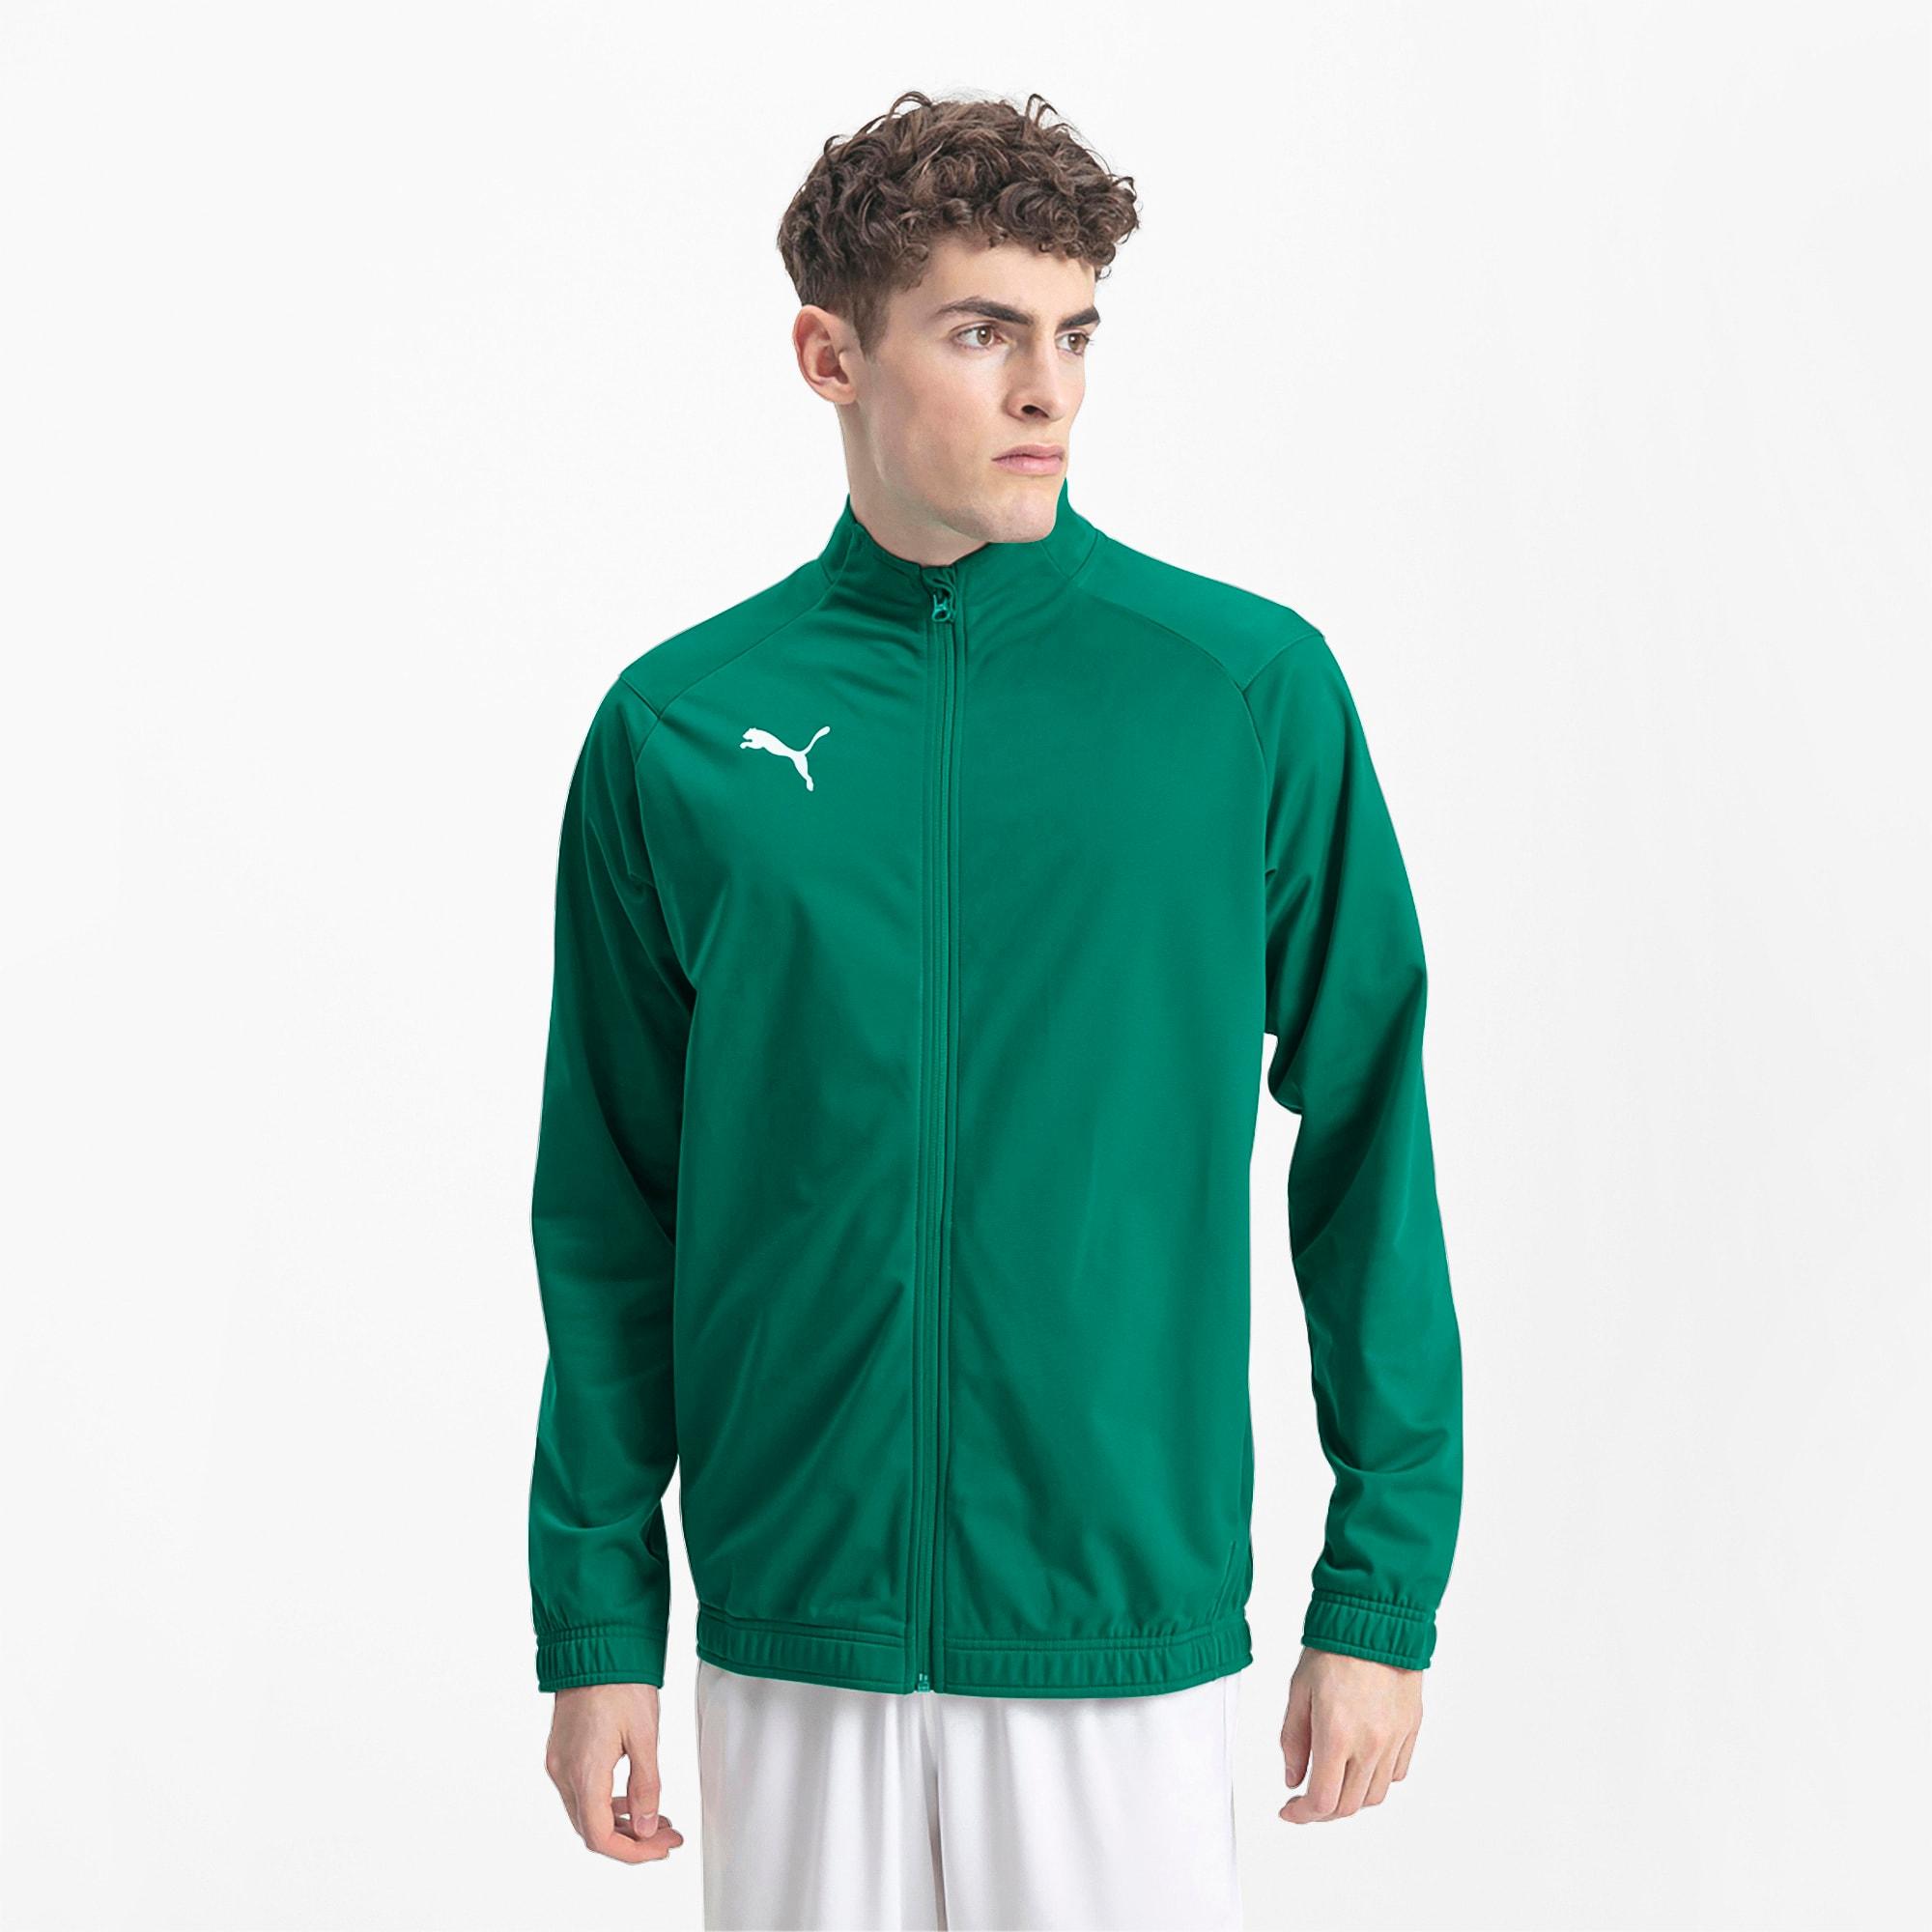 blouson de football liga sideline poly core pour homme, vert/blanc, taille m, vêtements